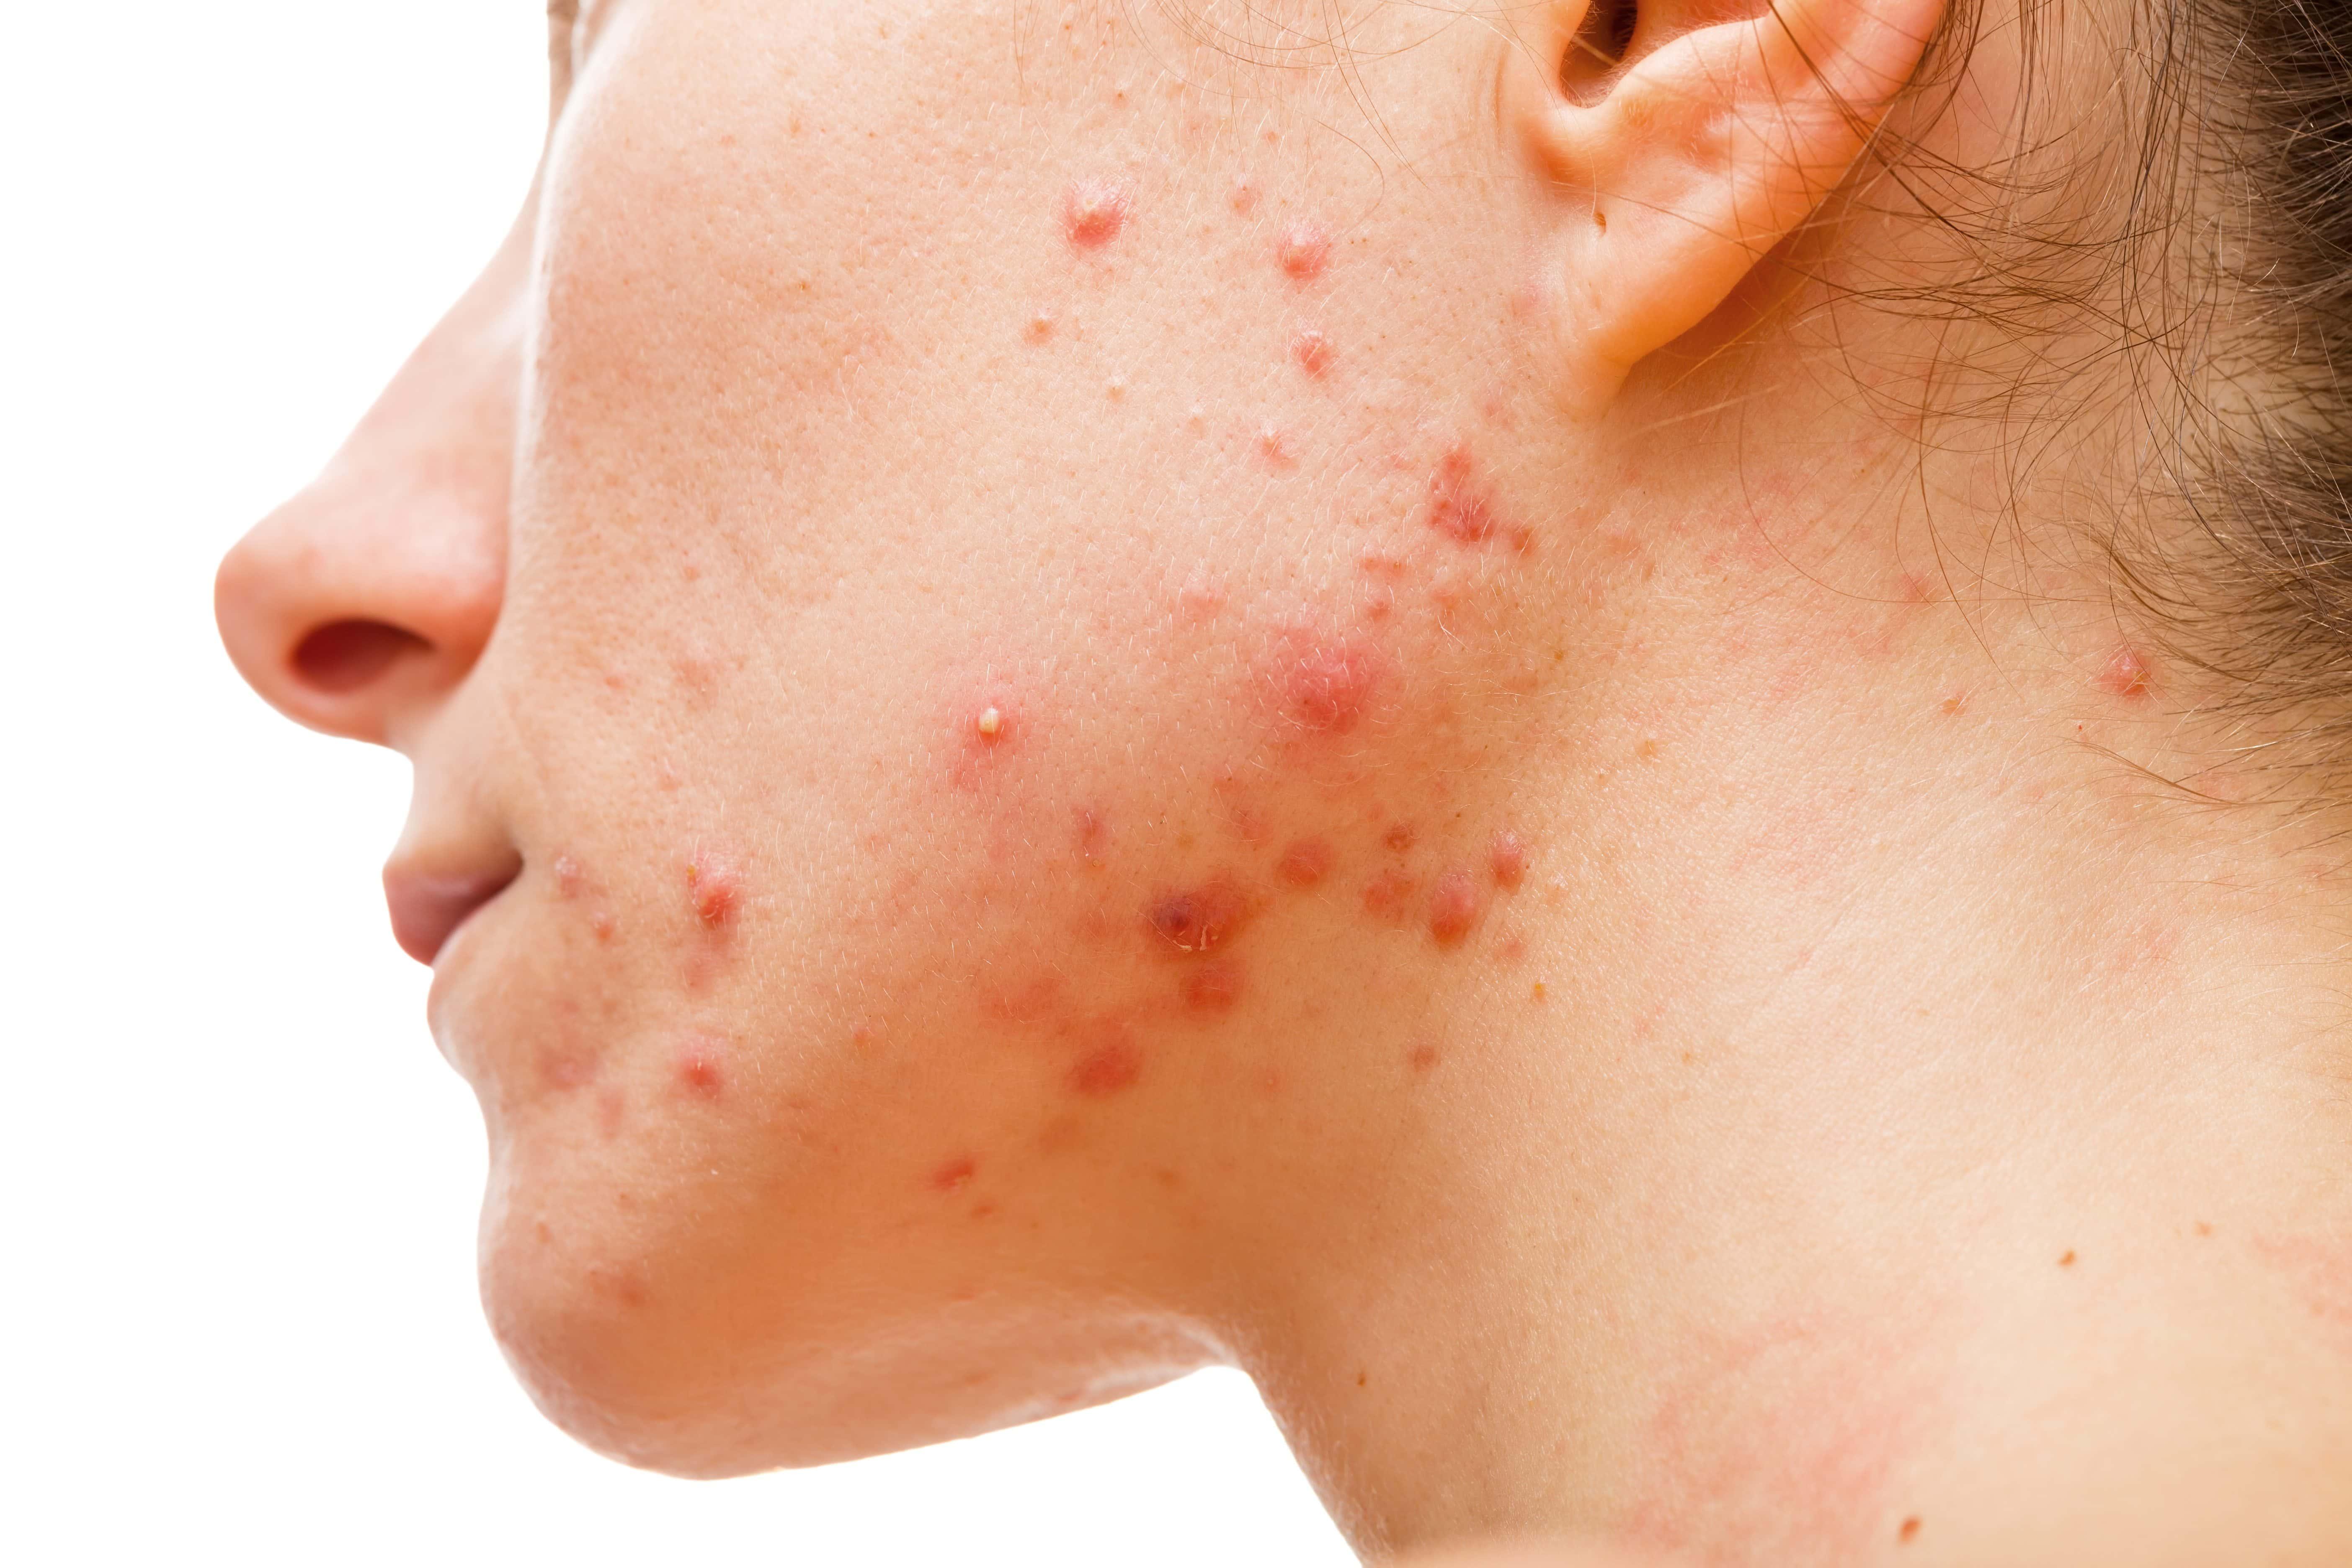 bästa acne produkterna